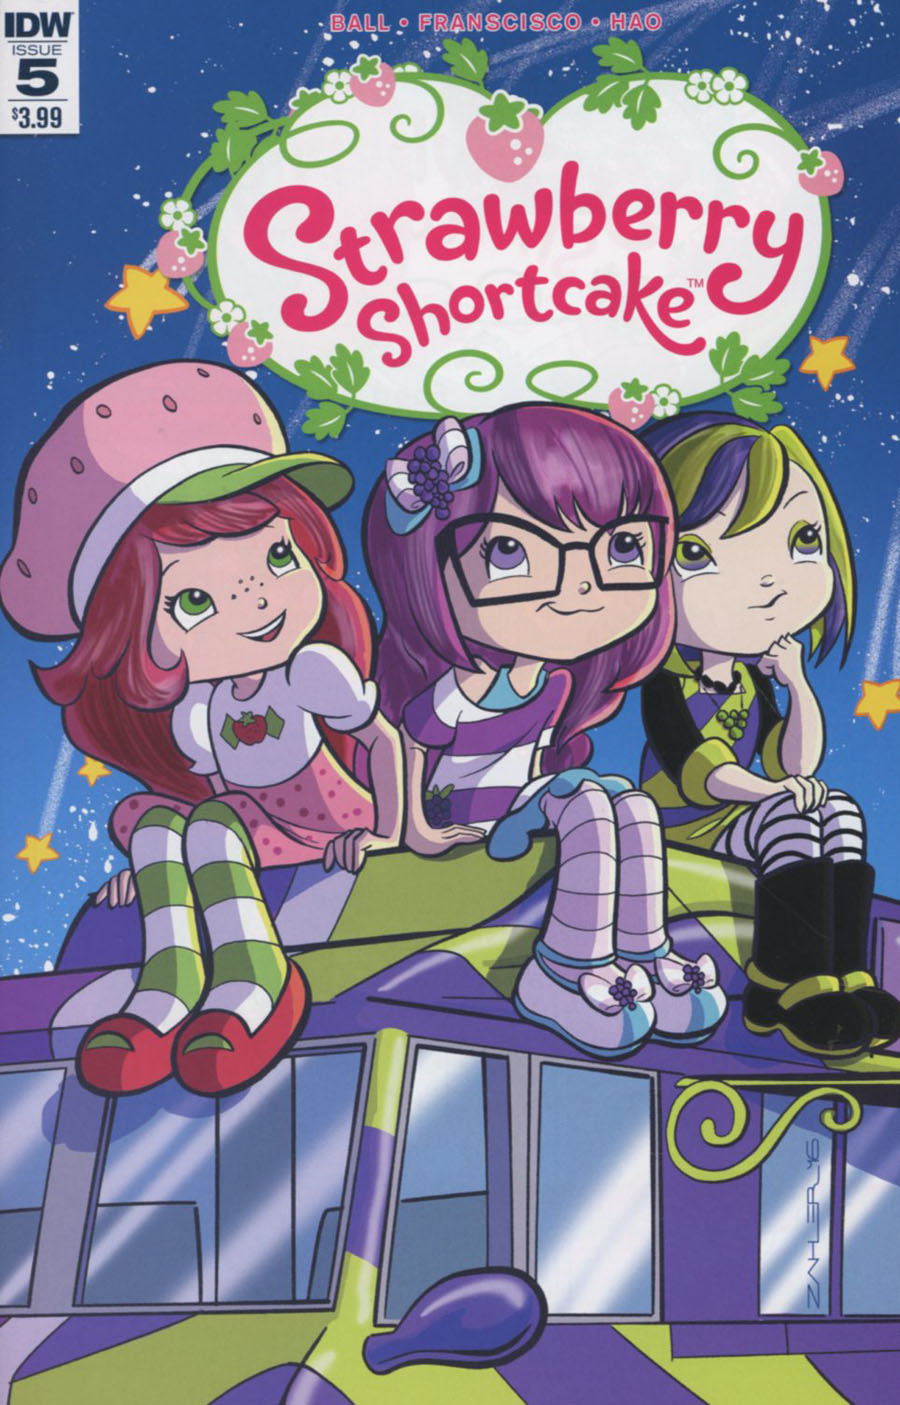 Strawberry Shortcake Vol 3 #5 Cover A Regular Thom Zahler Cover